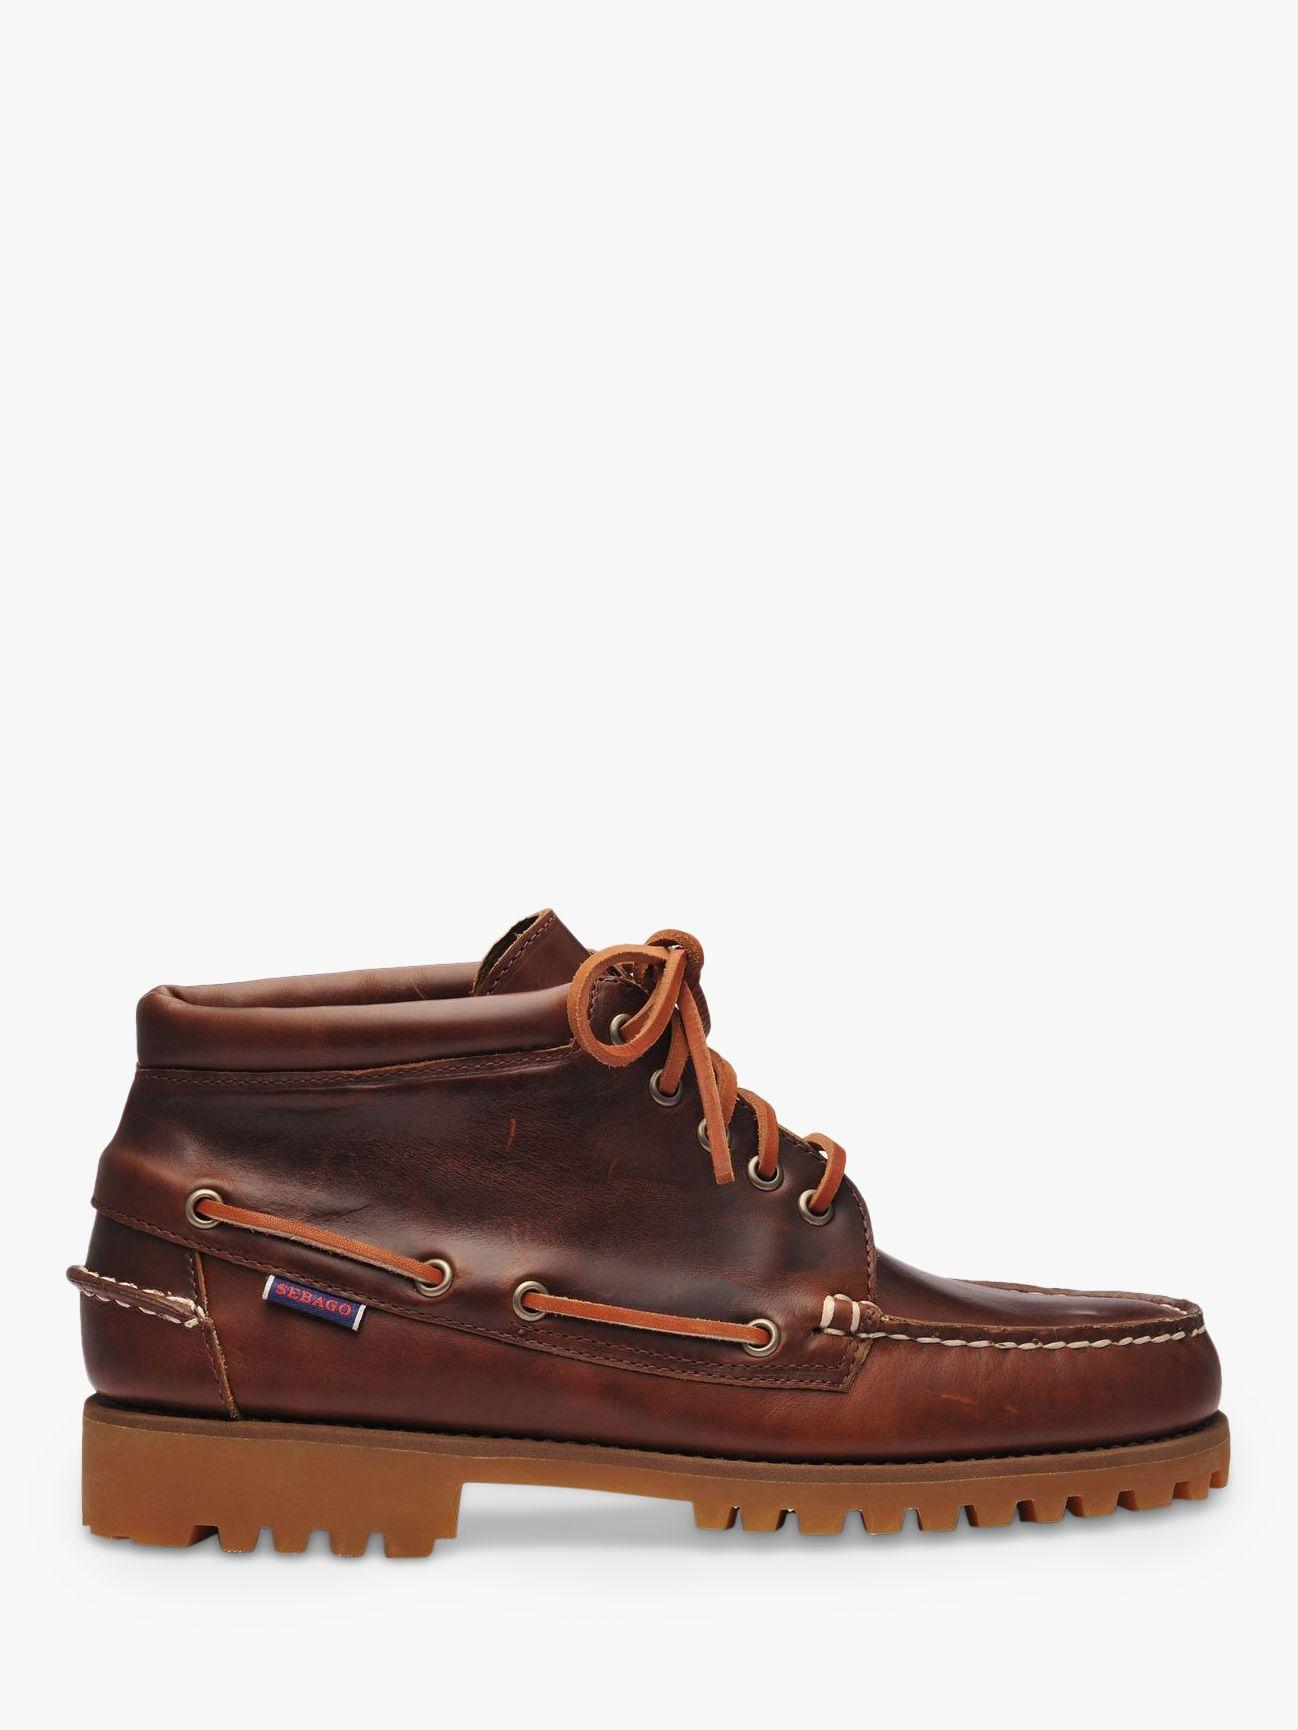 Sebago Sebago Campsides Ranger Mid Leather Moccasin Boots, Brown Gum